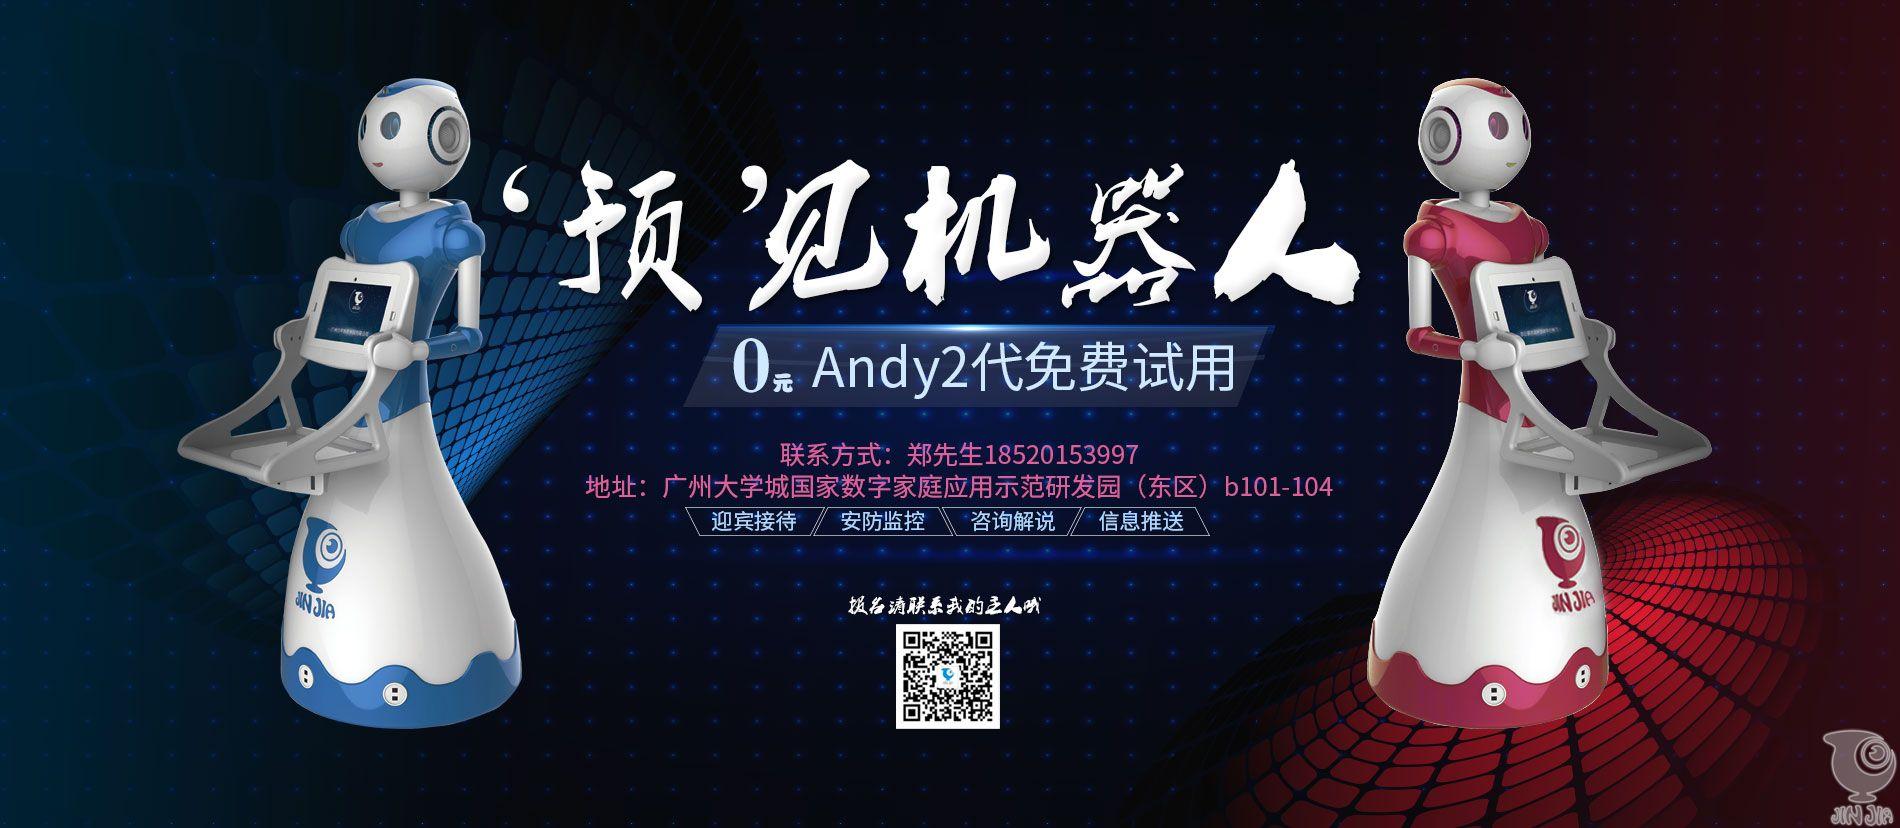 预见机器人--ANDY2代 机器人免费试用